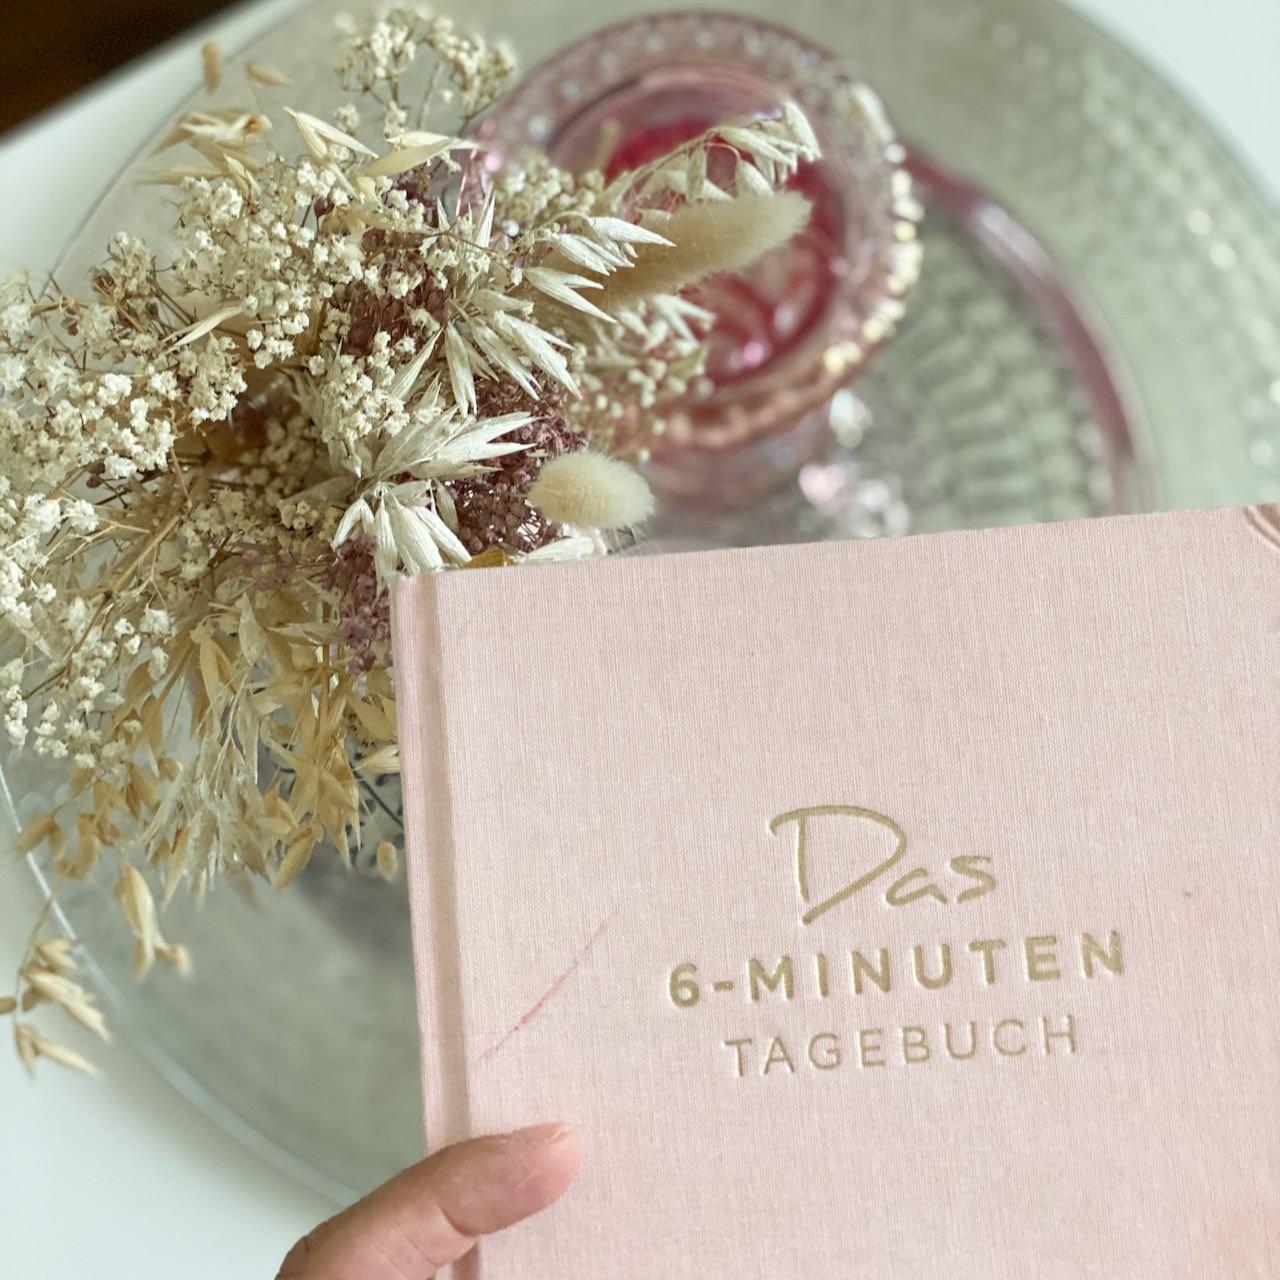 Das 6-Minuten-Tagebuch hilft mir beim Morgenritual